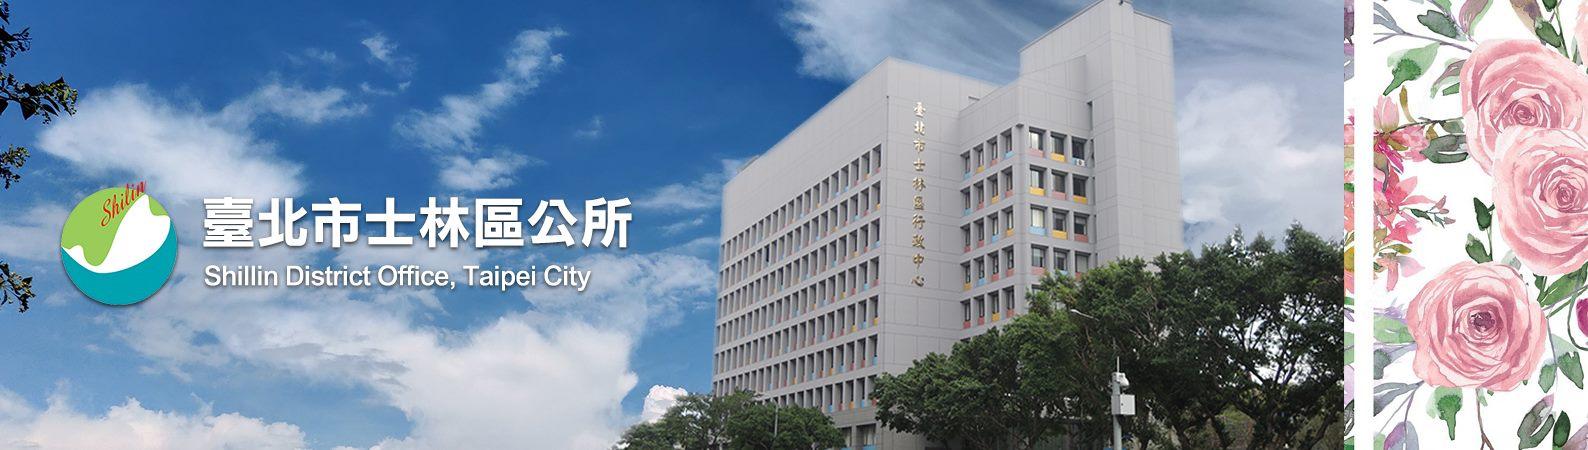 臺北市士林區-行政中心